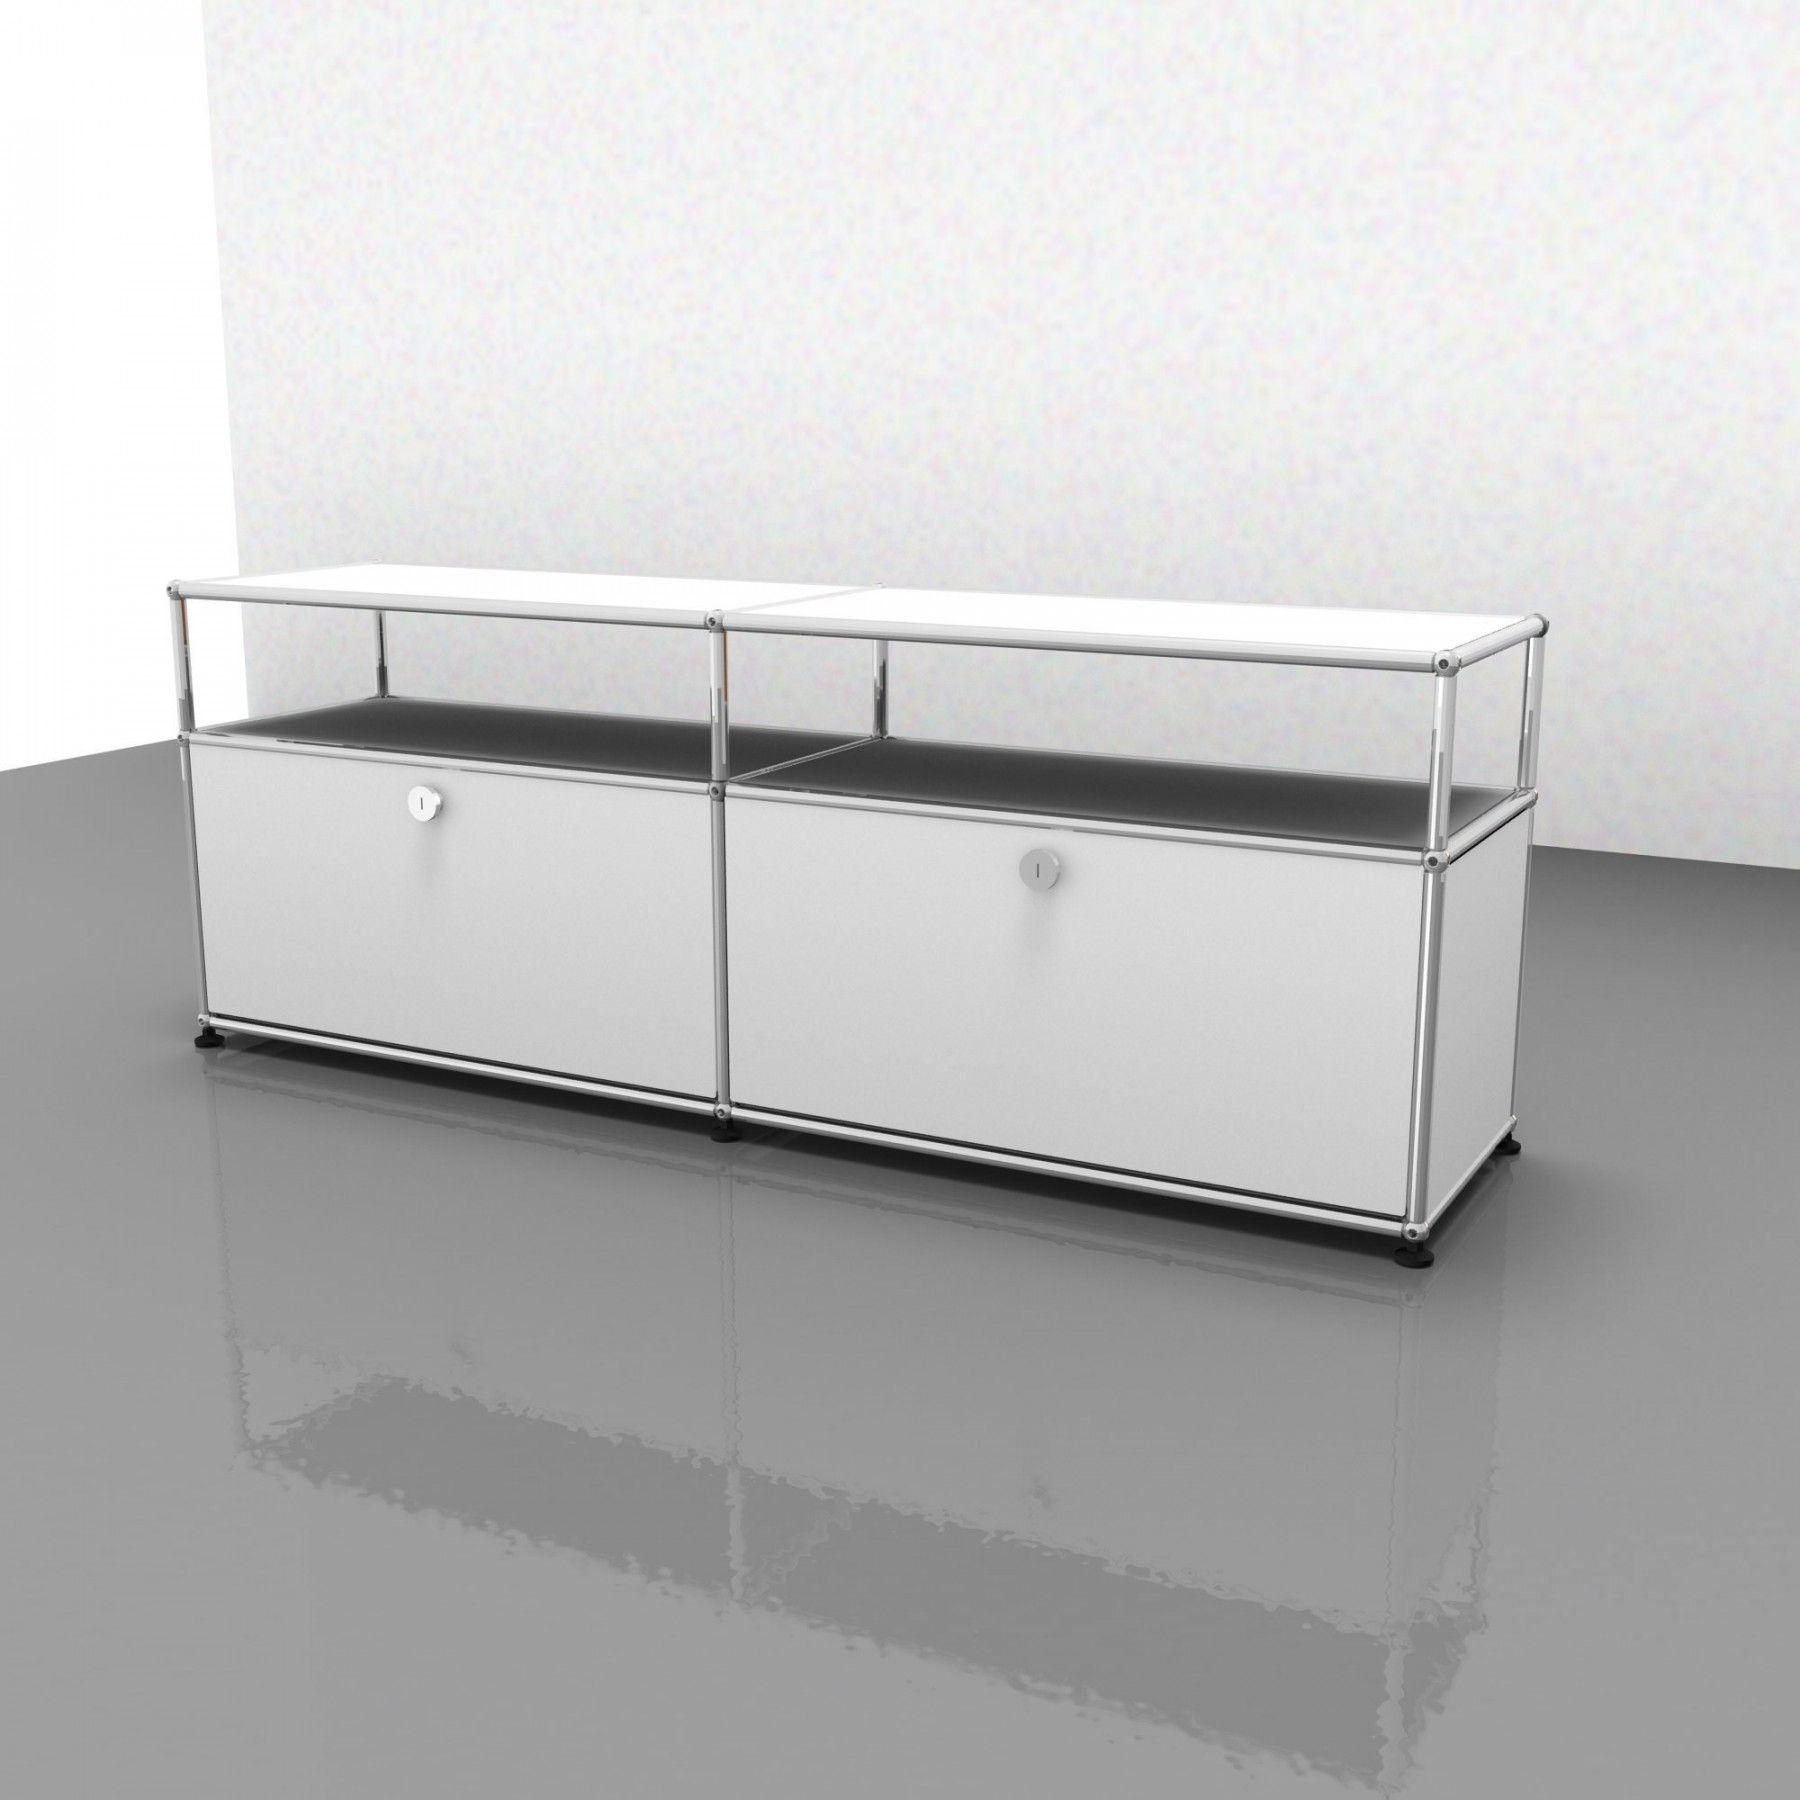 Usm Haller Sideboard Tv Hi Fi Furniture Quick Ship In 2019